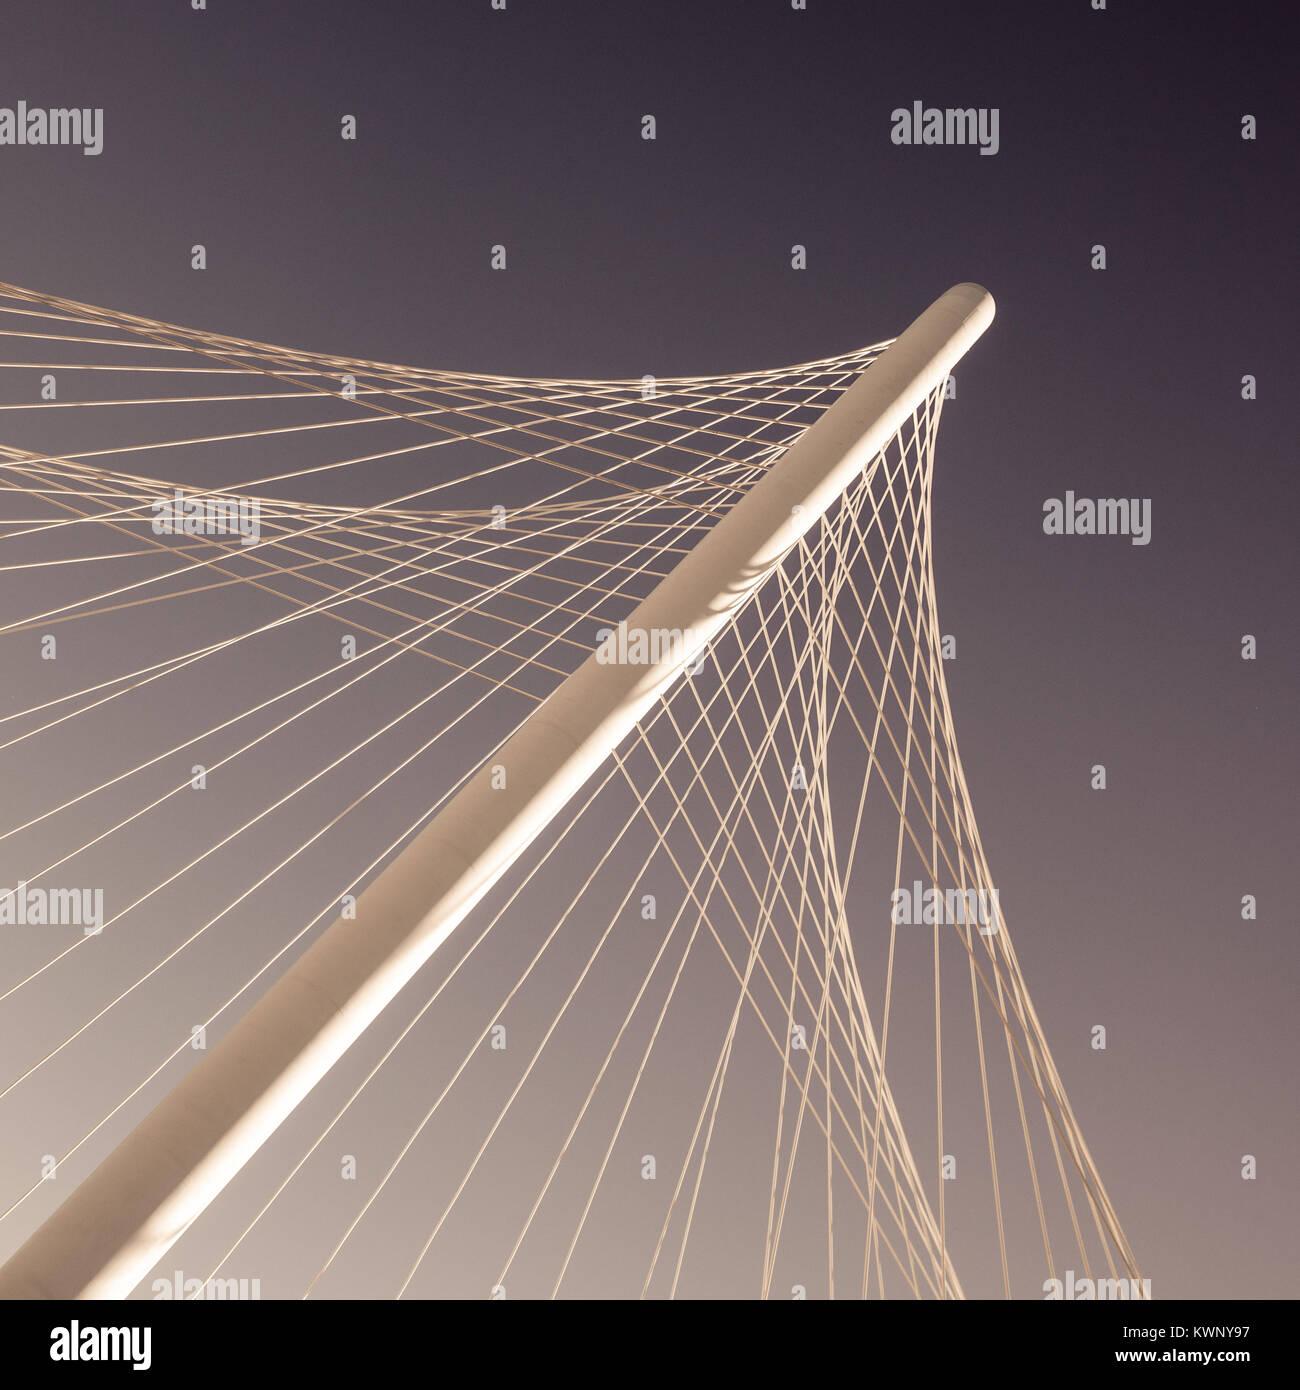 Cable Pattern Imágenes De Stock & Cable Pattern Fotos De Stock - Alamy